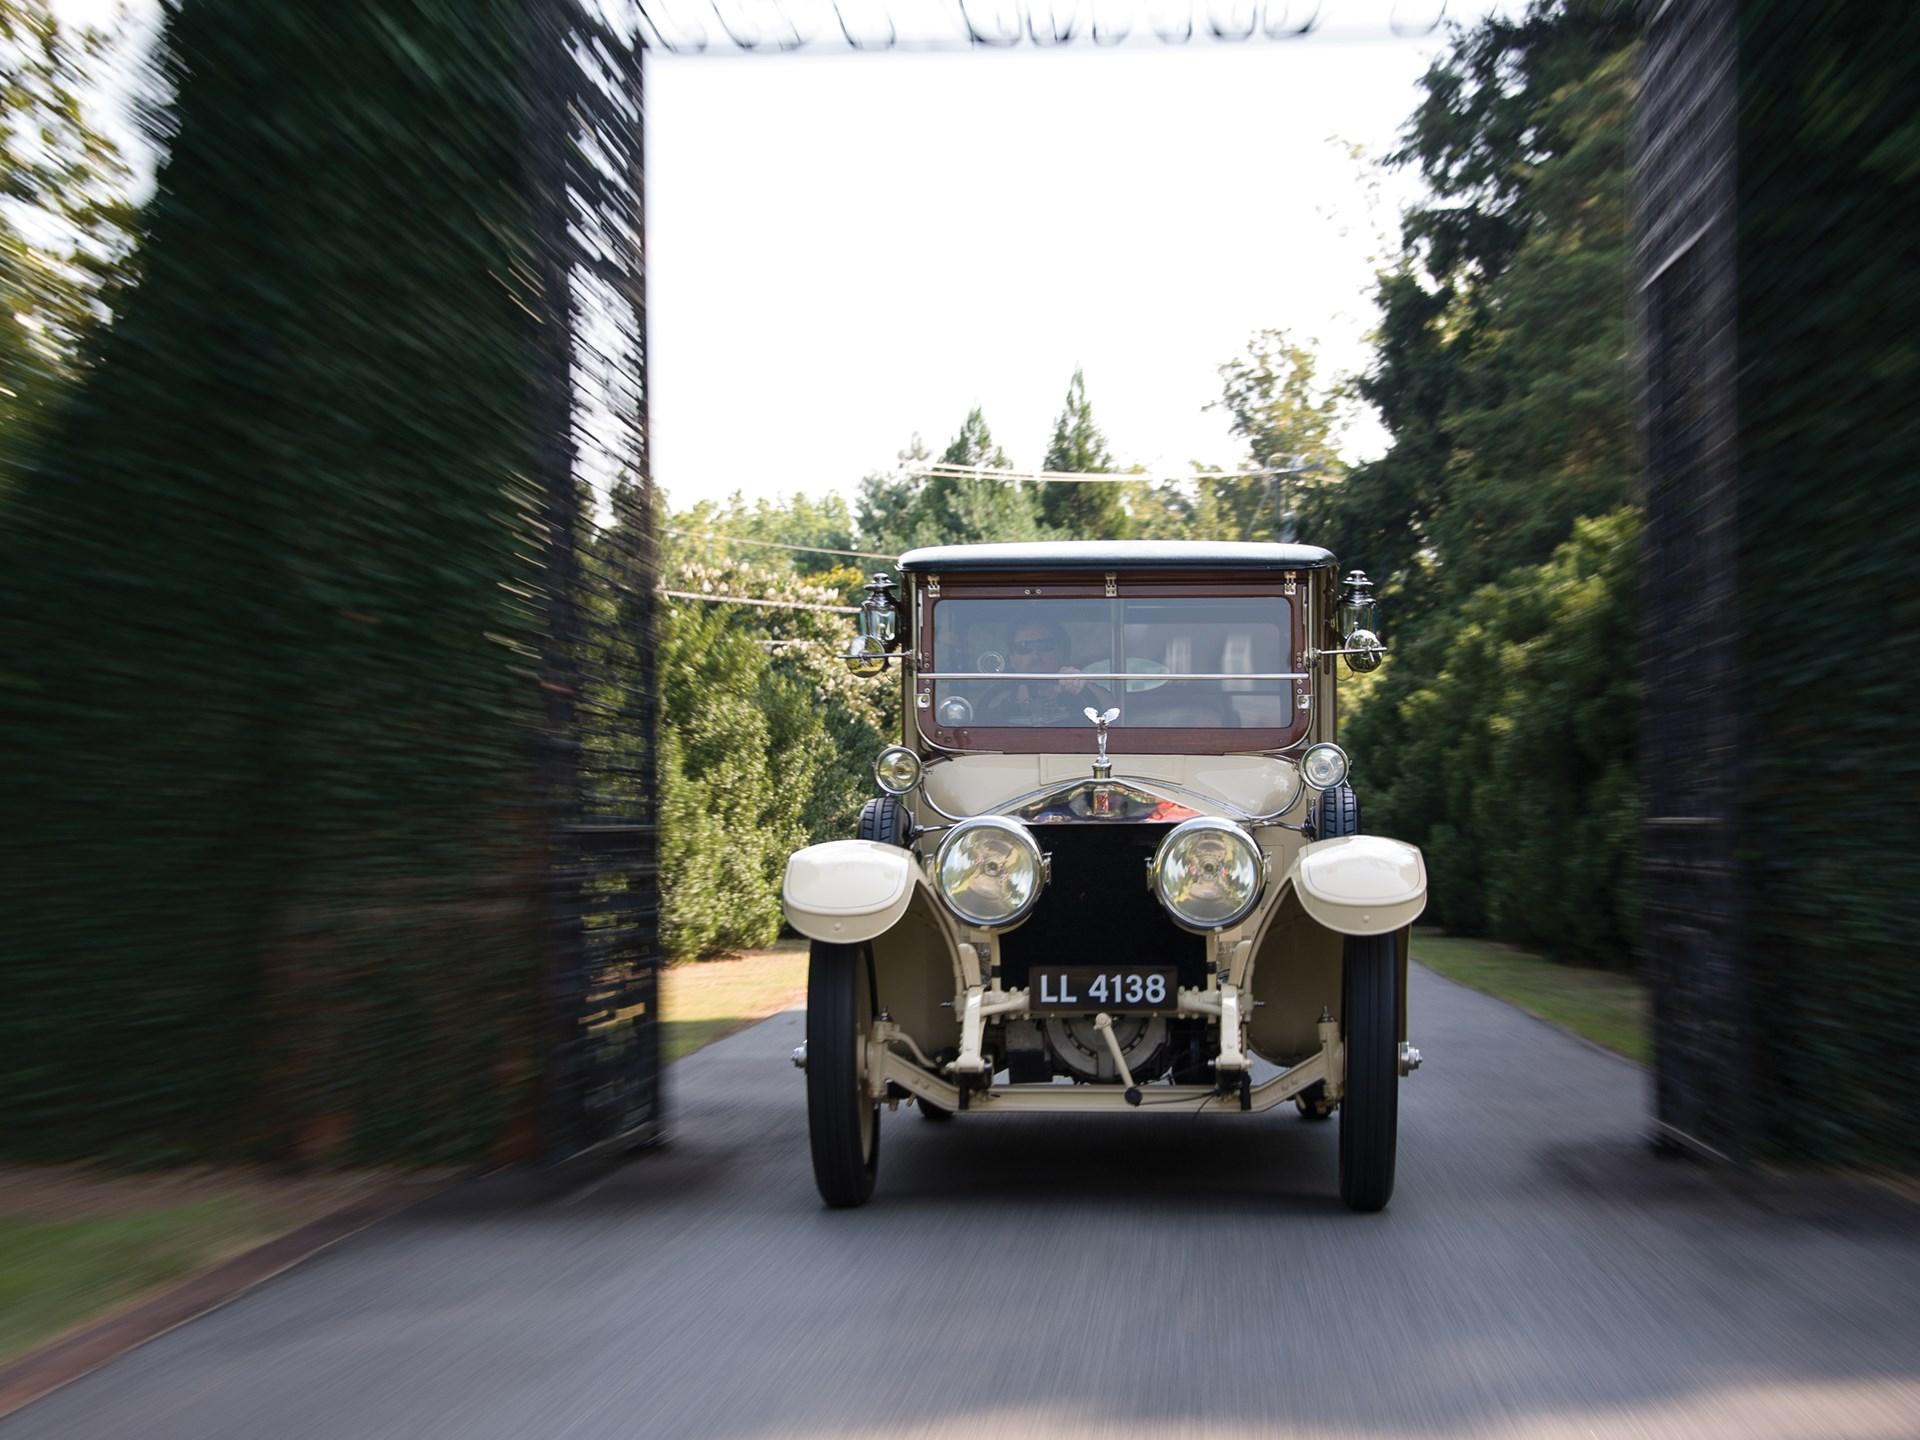 1914 Rolls-Royce 40/50 HP Silver Ghost Landaulette by Barker